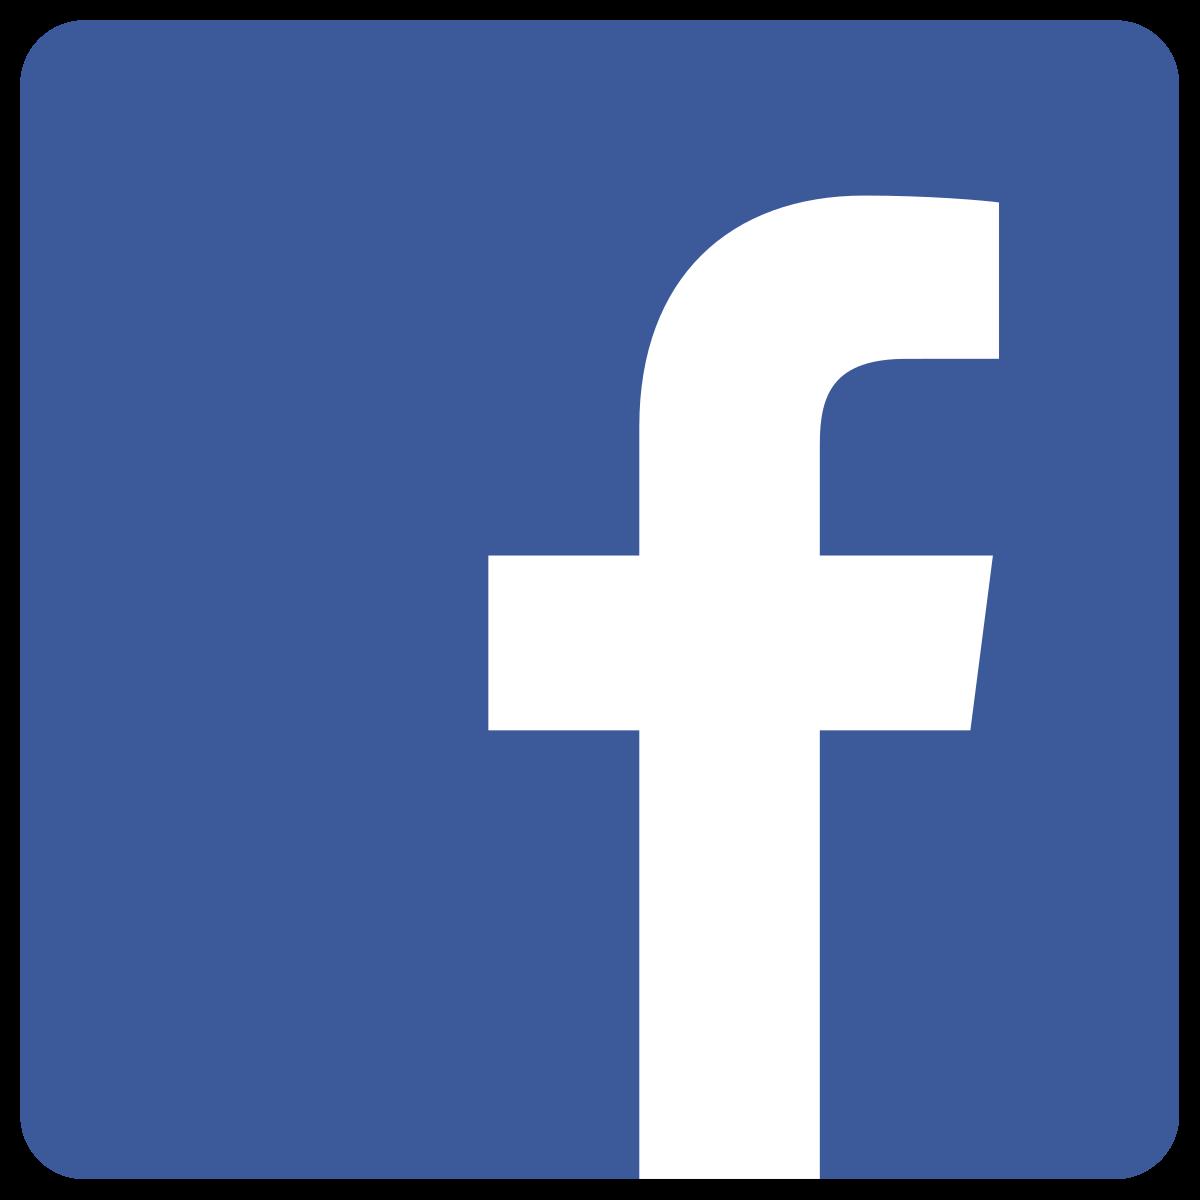 Facebook-Seite von Holzskulpturen Thomas Krapf anzeigen